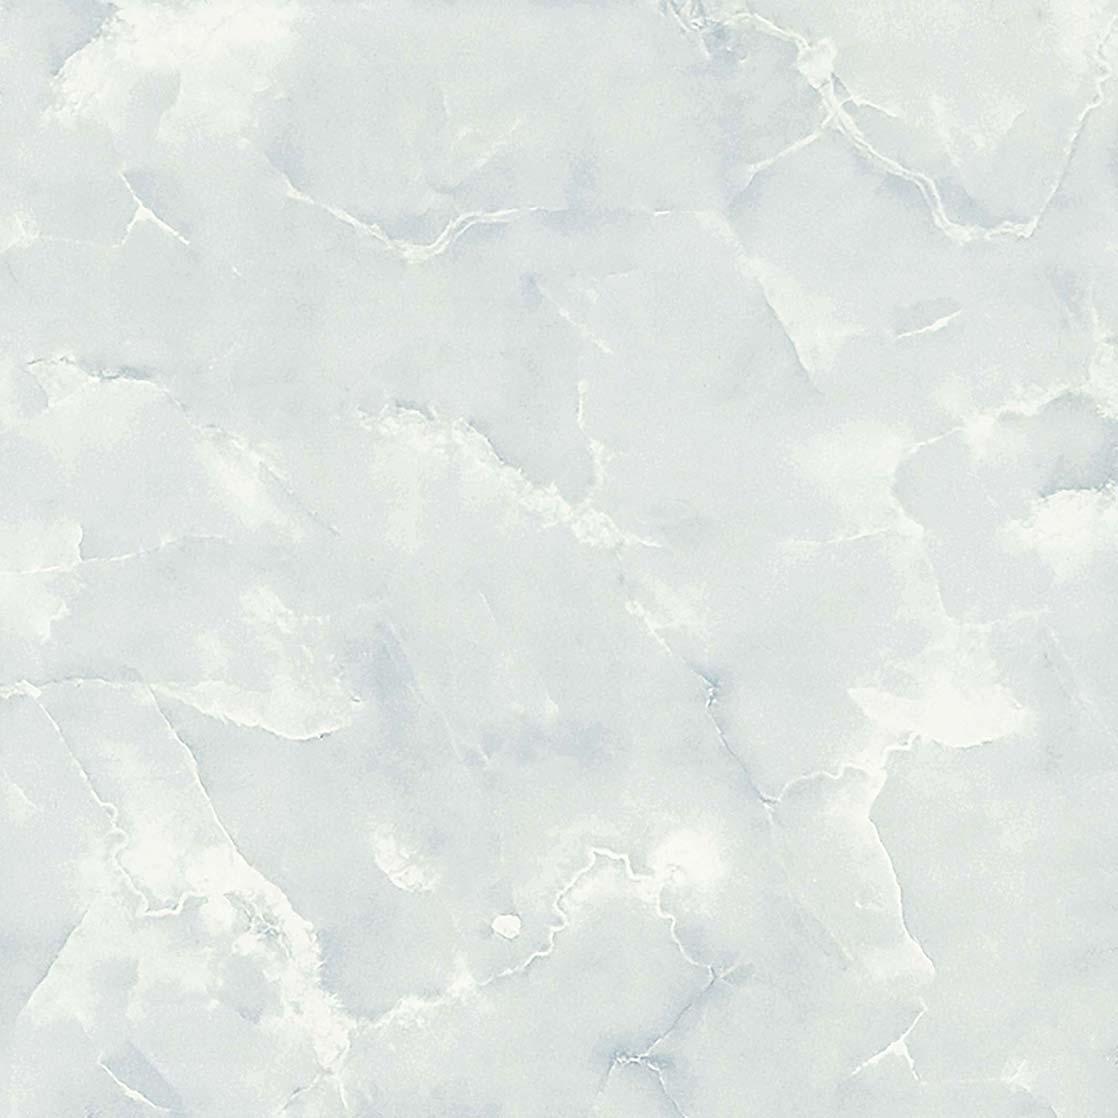 Gạch lát sàn 500x500 Viglacera H511 giá tốt